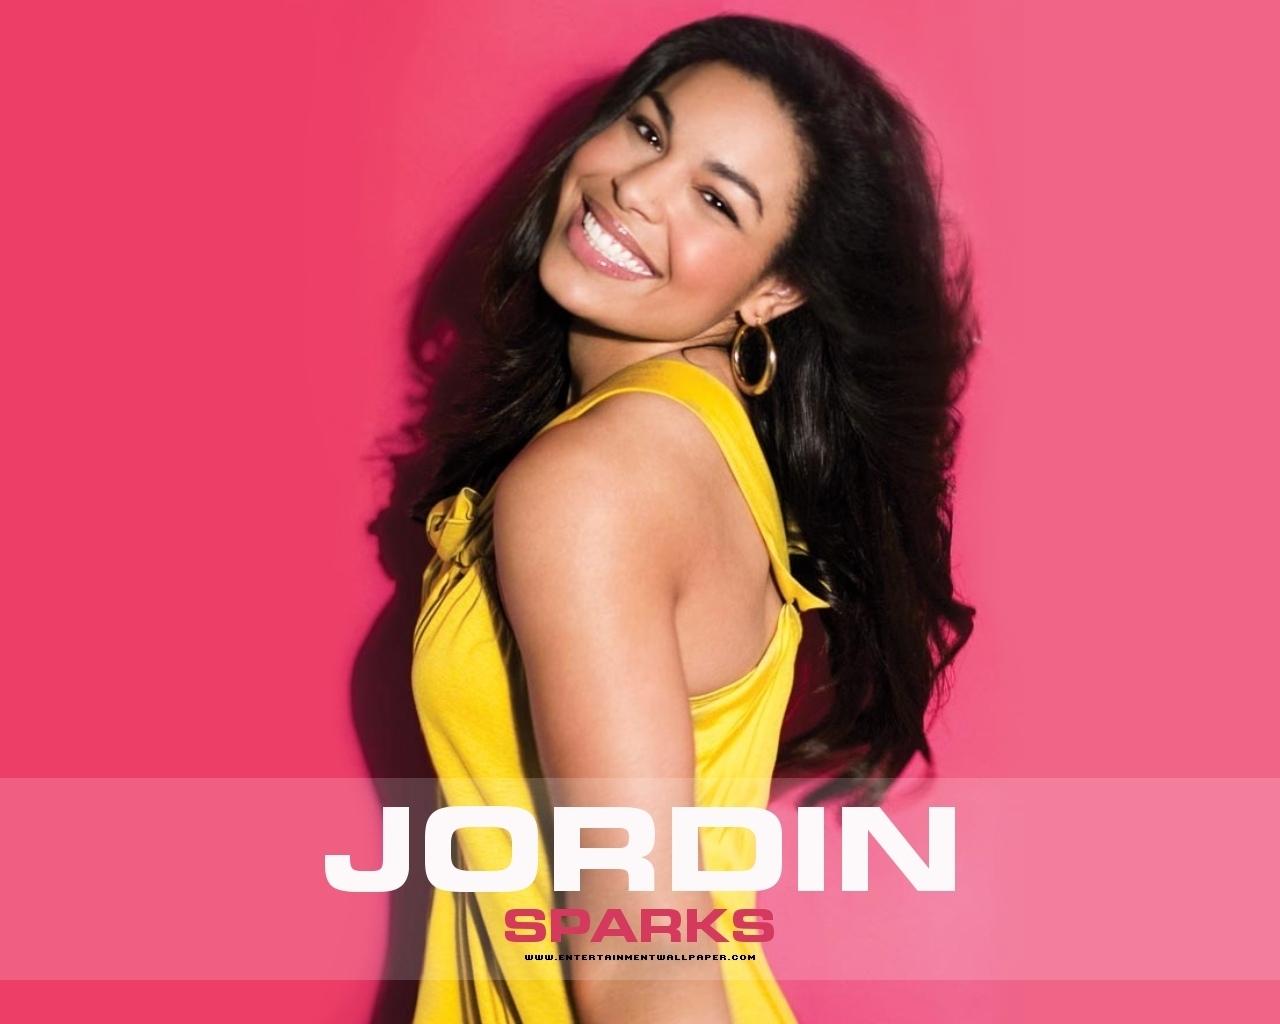 Jordin - Jordin Sparks Wallpaper (2929975) - Fanpop